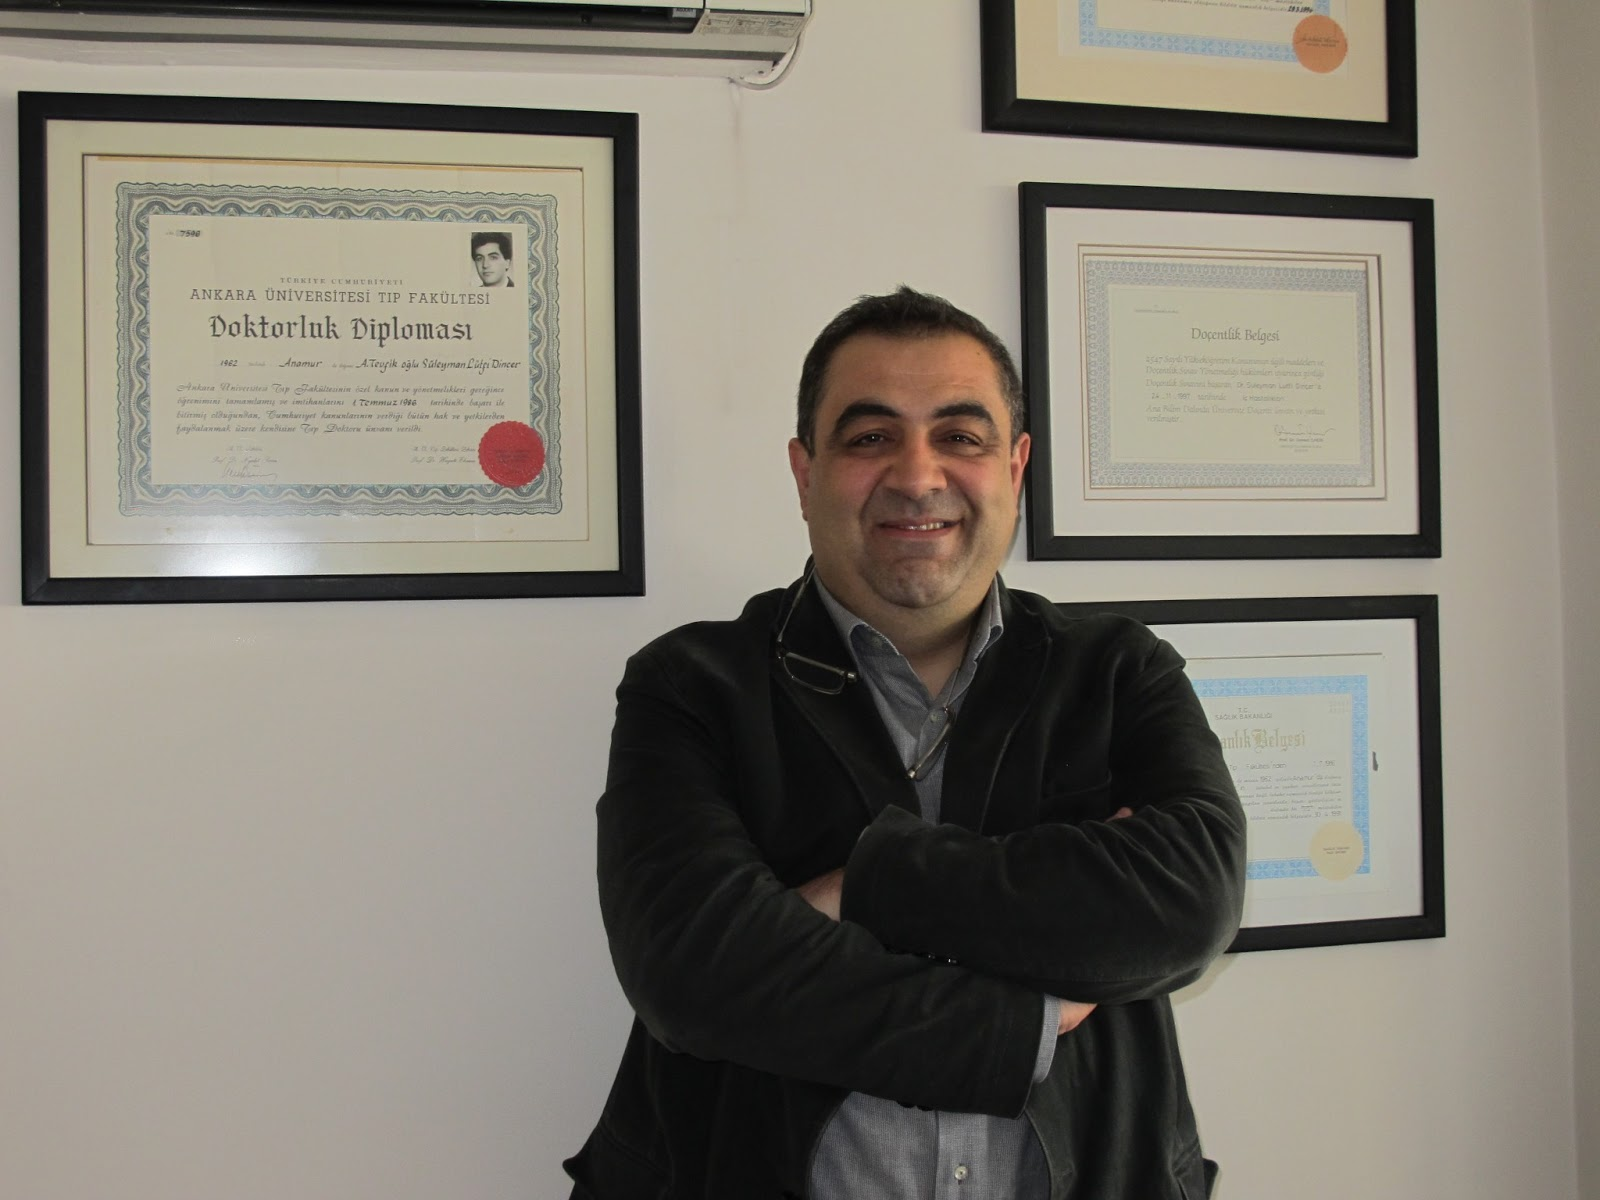 PROF. DR. DİNÇER KEMİK İLİĞİ NAKLİNİ ANLATTI